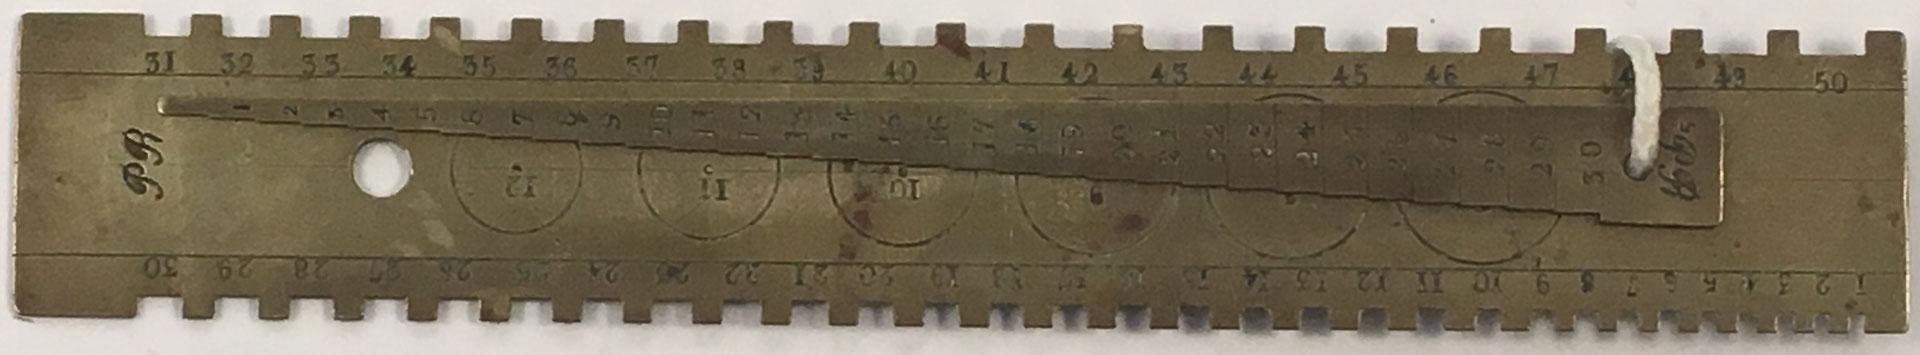 Herramienta de medida de la marca PR, 17x2.5 cm